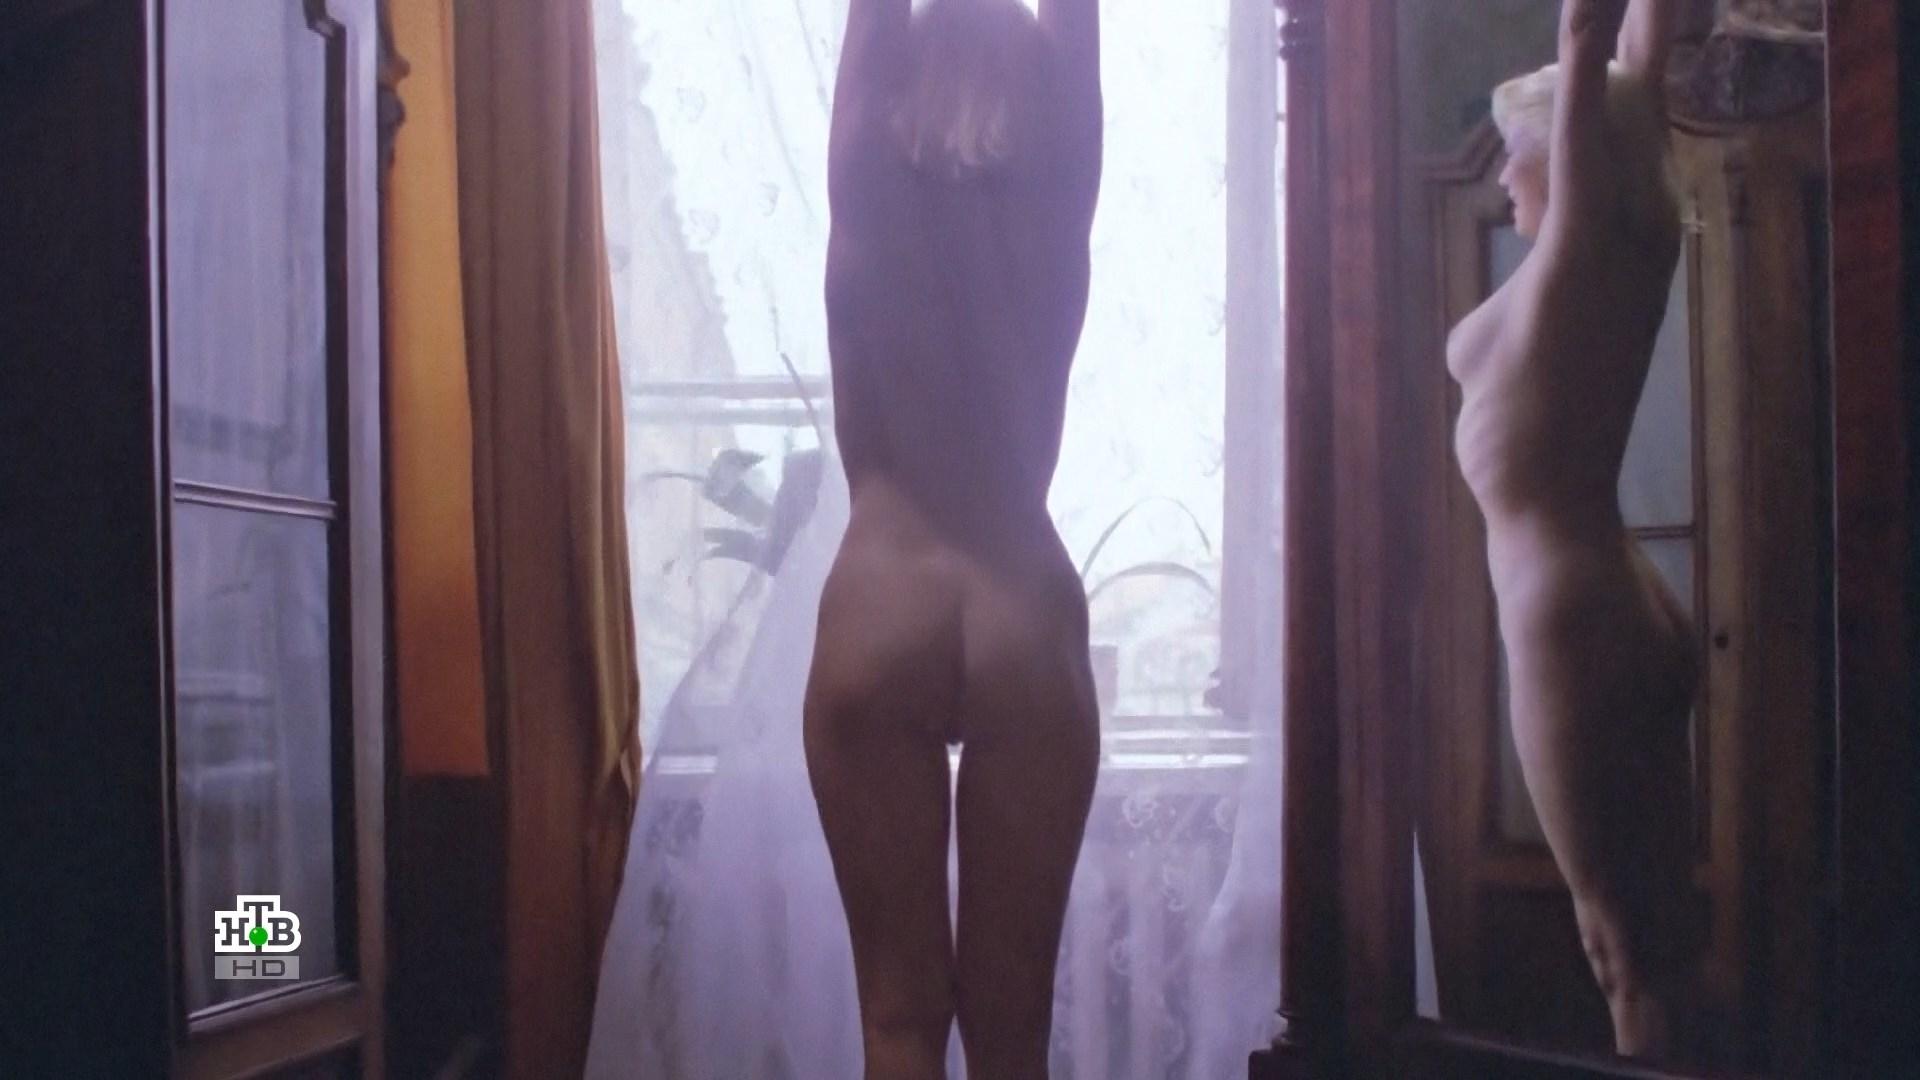 Лариса Белогурова. Гений (1992) 1 фр.2.jpg